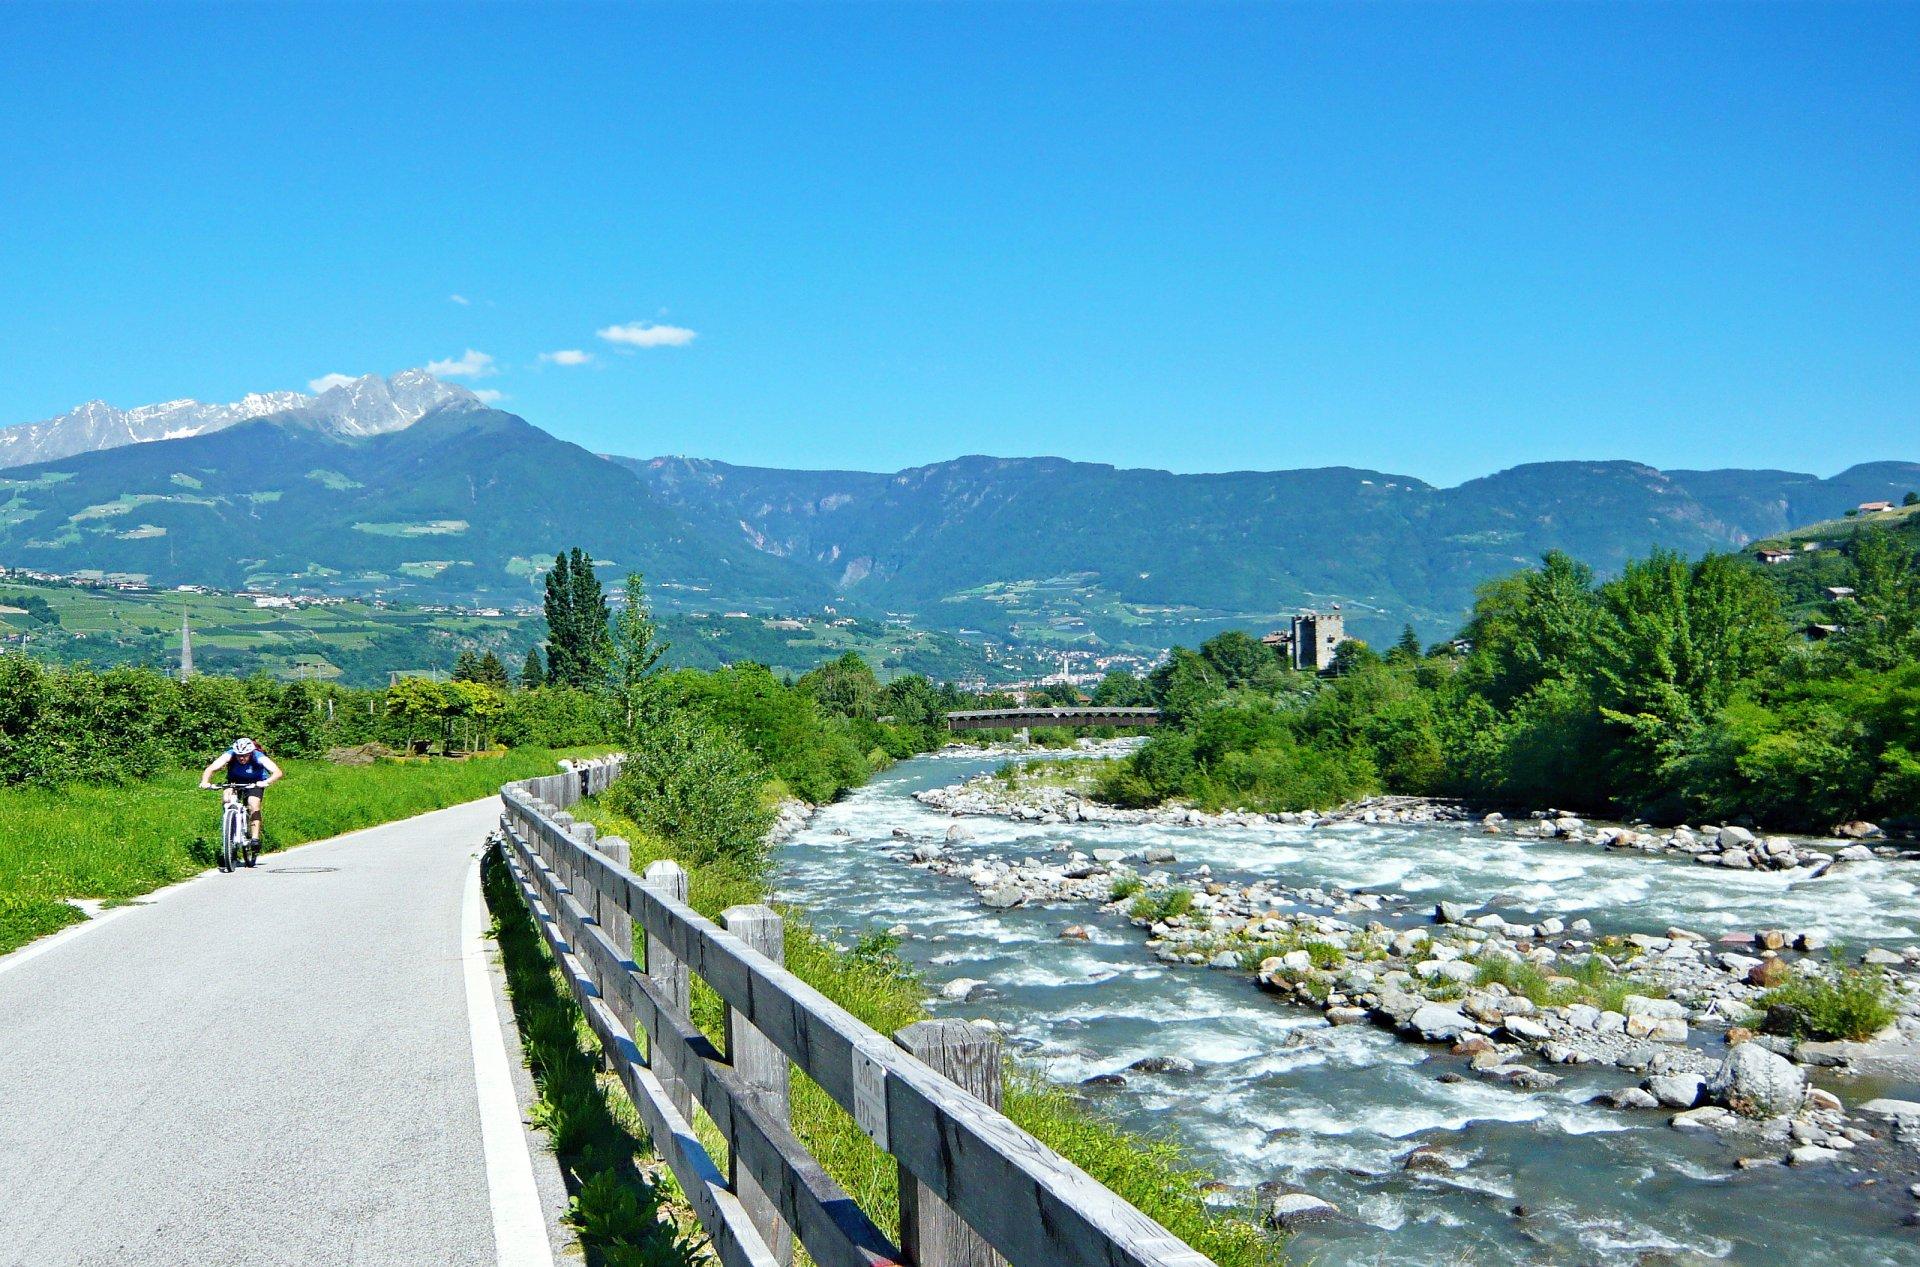 Radreise – Vom Vinschgau bis zum Gardasee